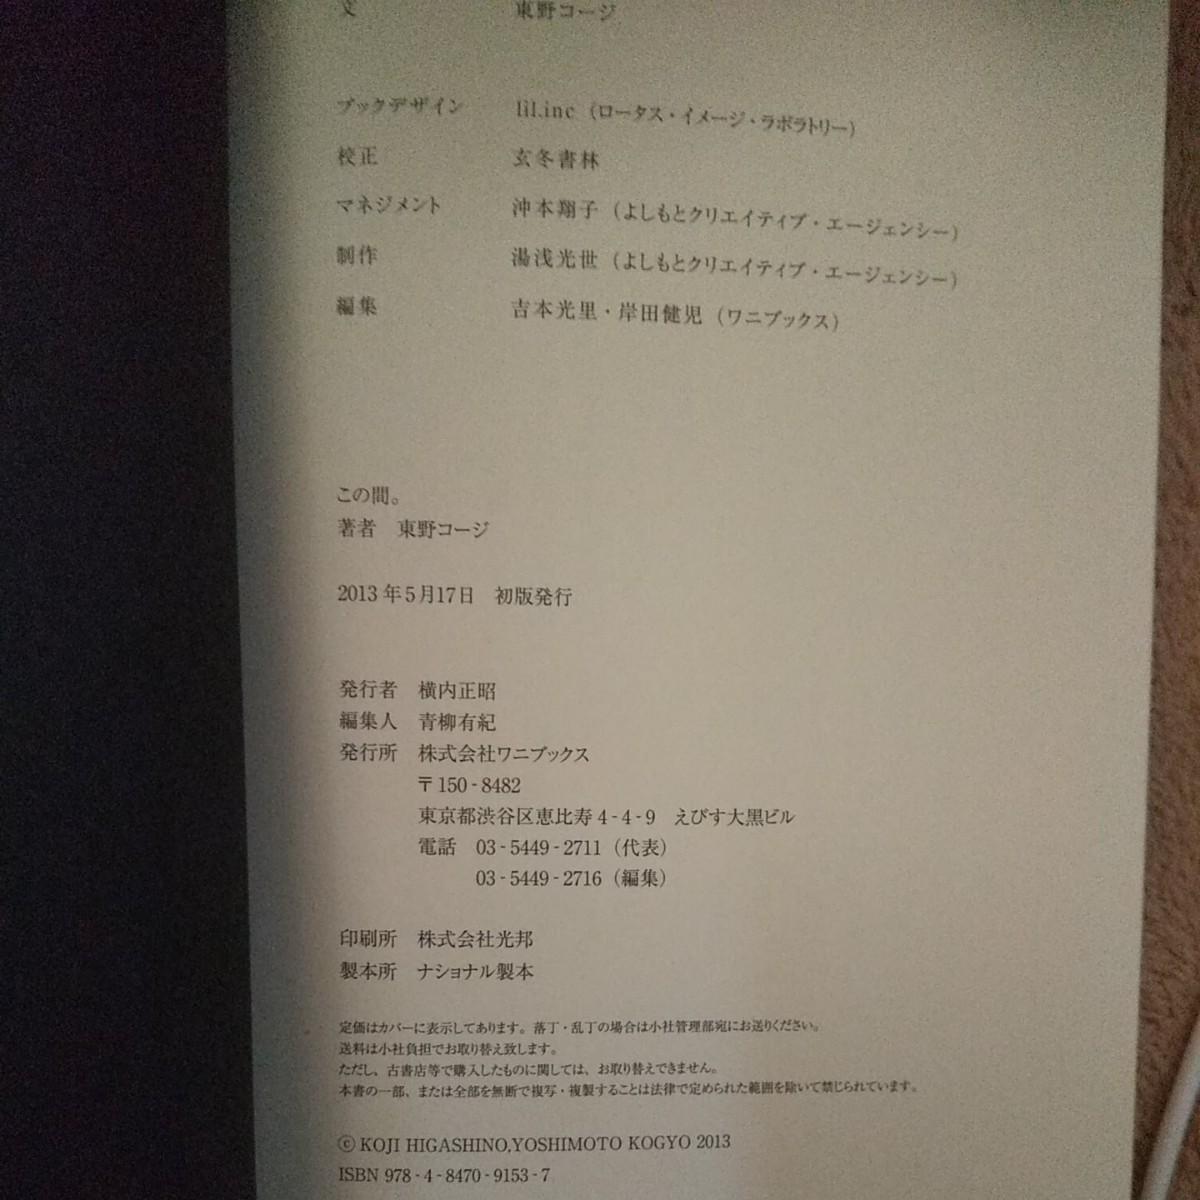 【初版】「この間。」東野幸治(東野コージ)